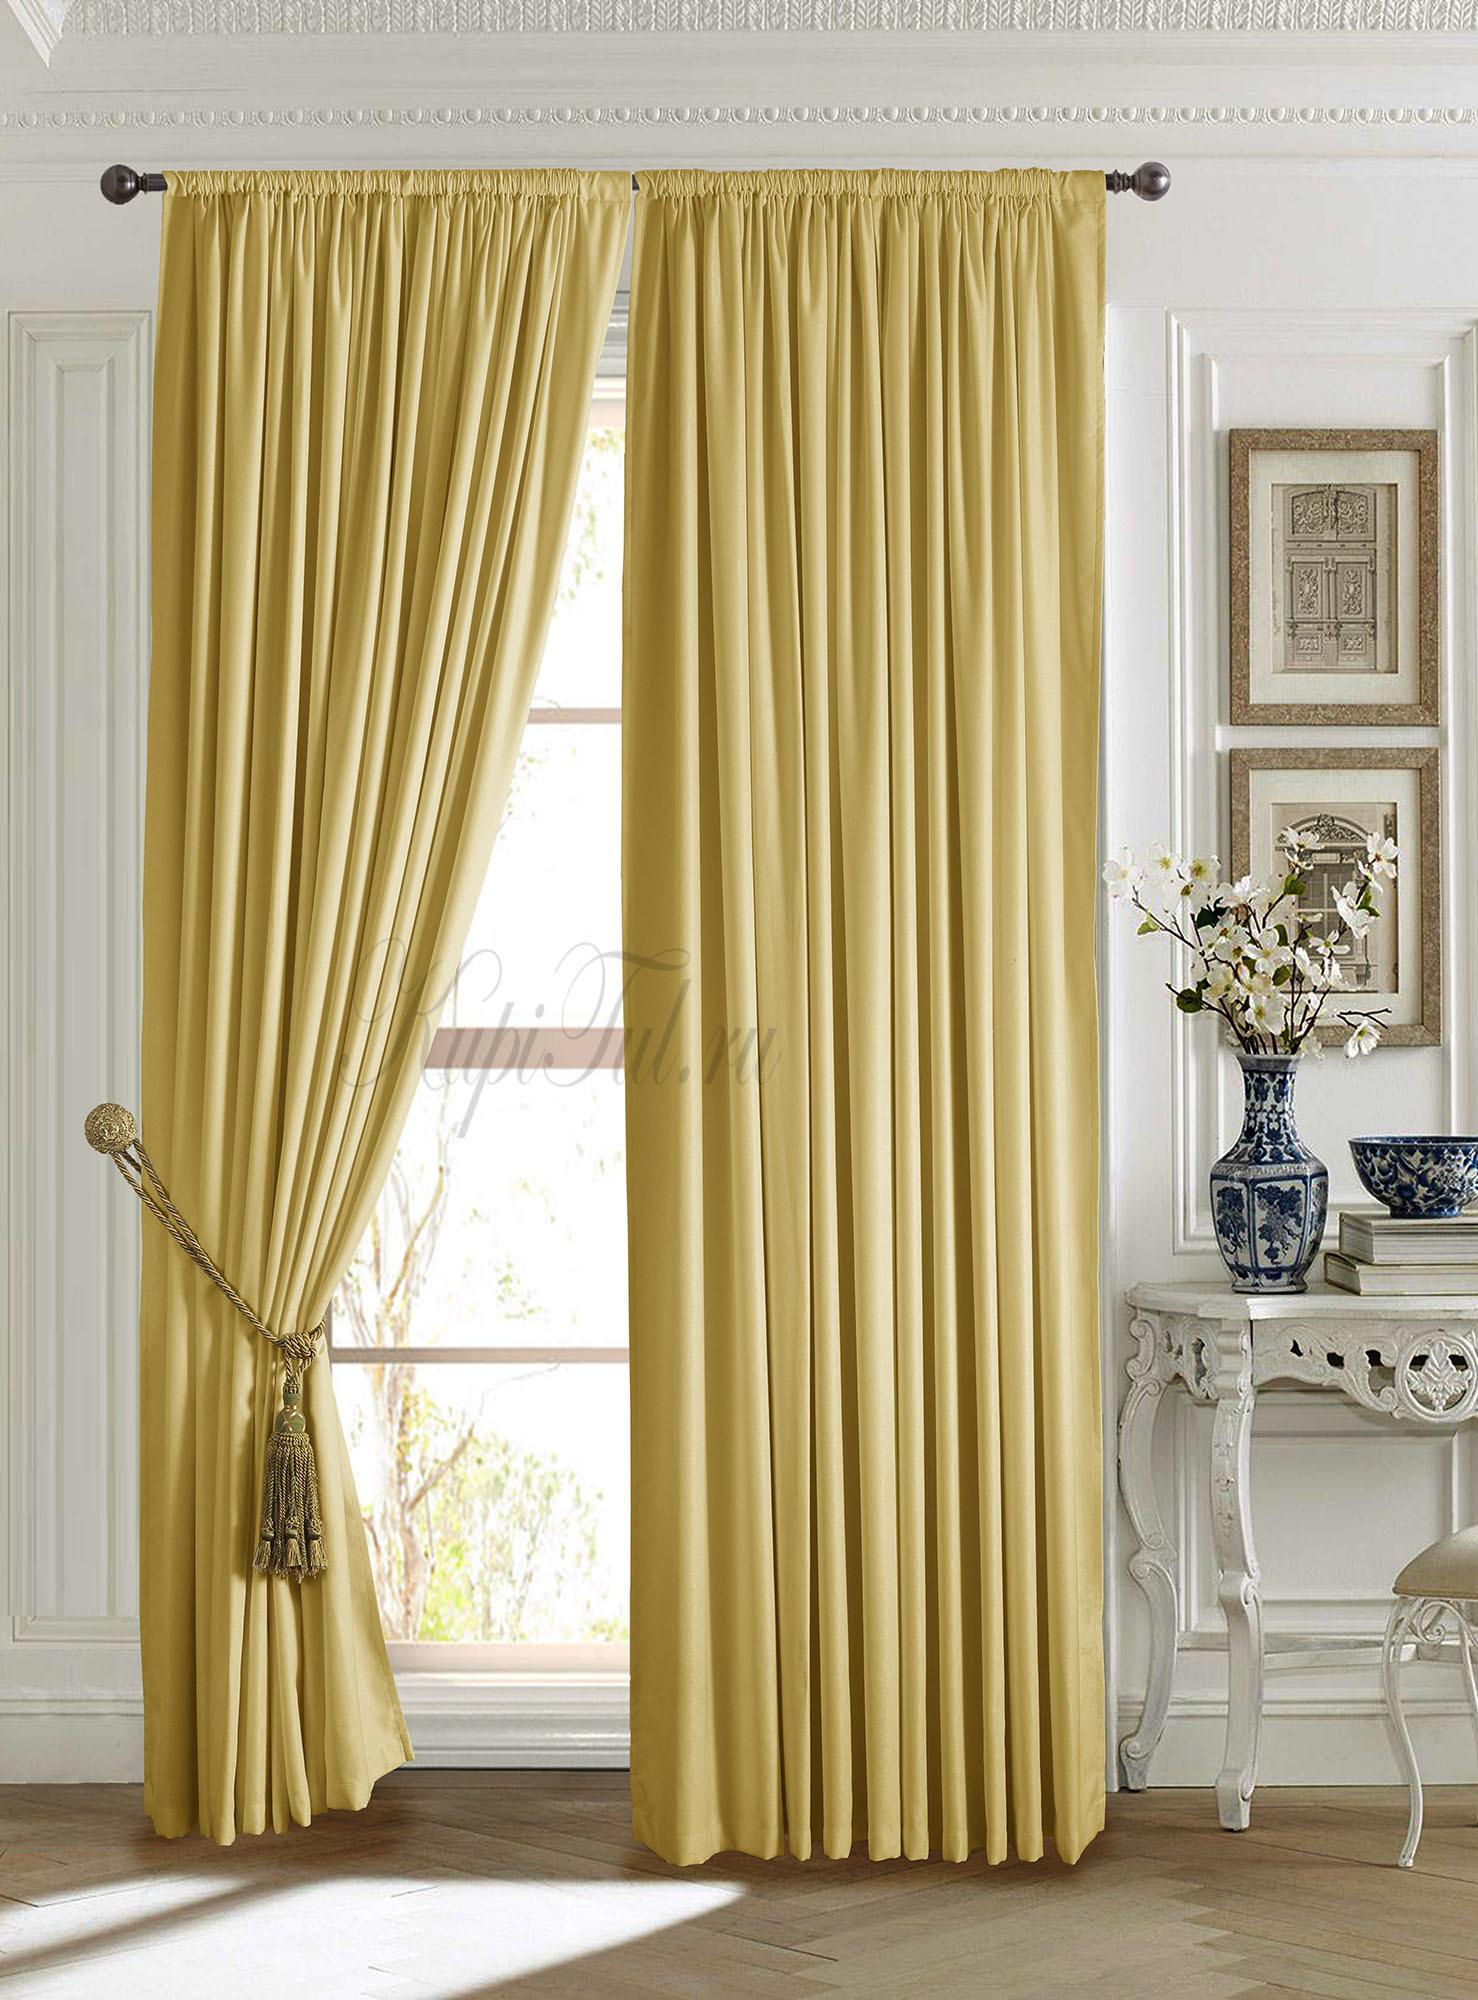 Длинные шторы. Mild (жёлтый).